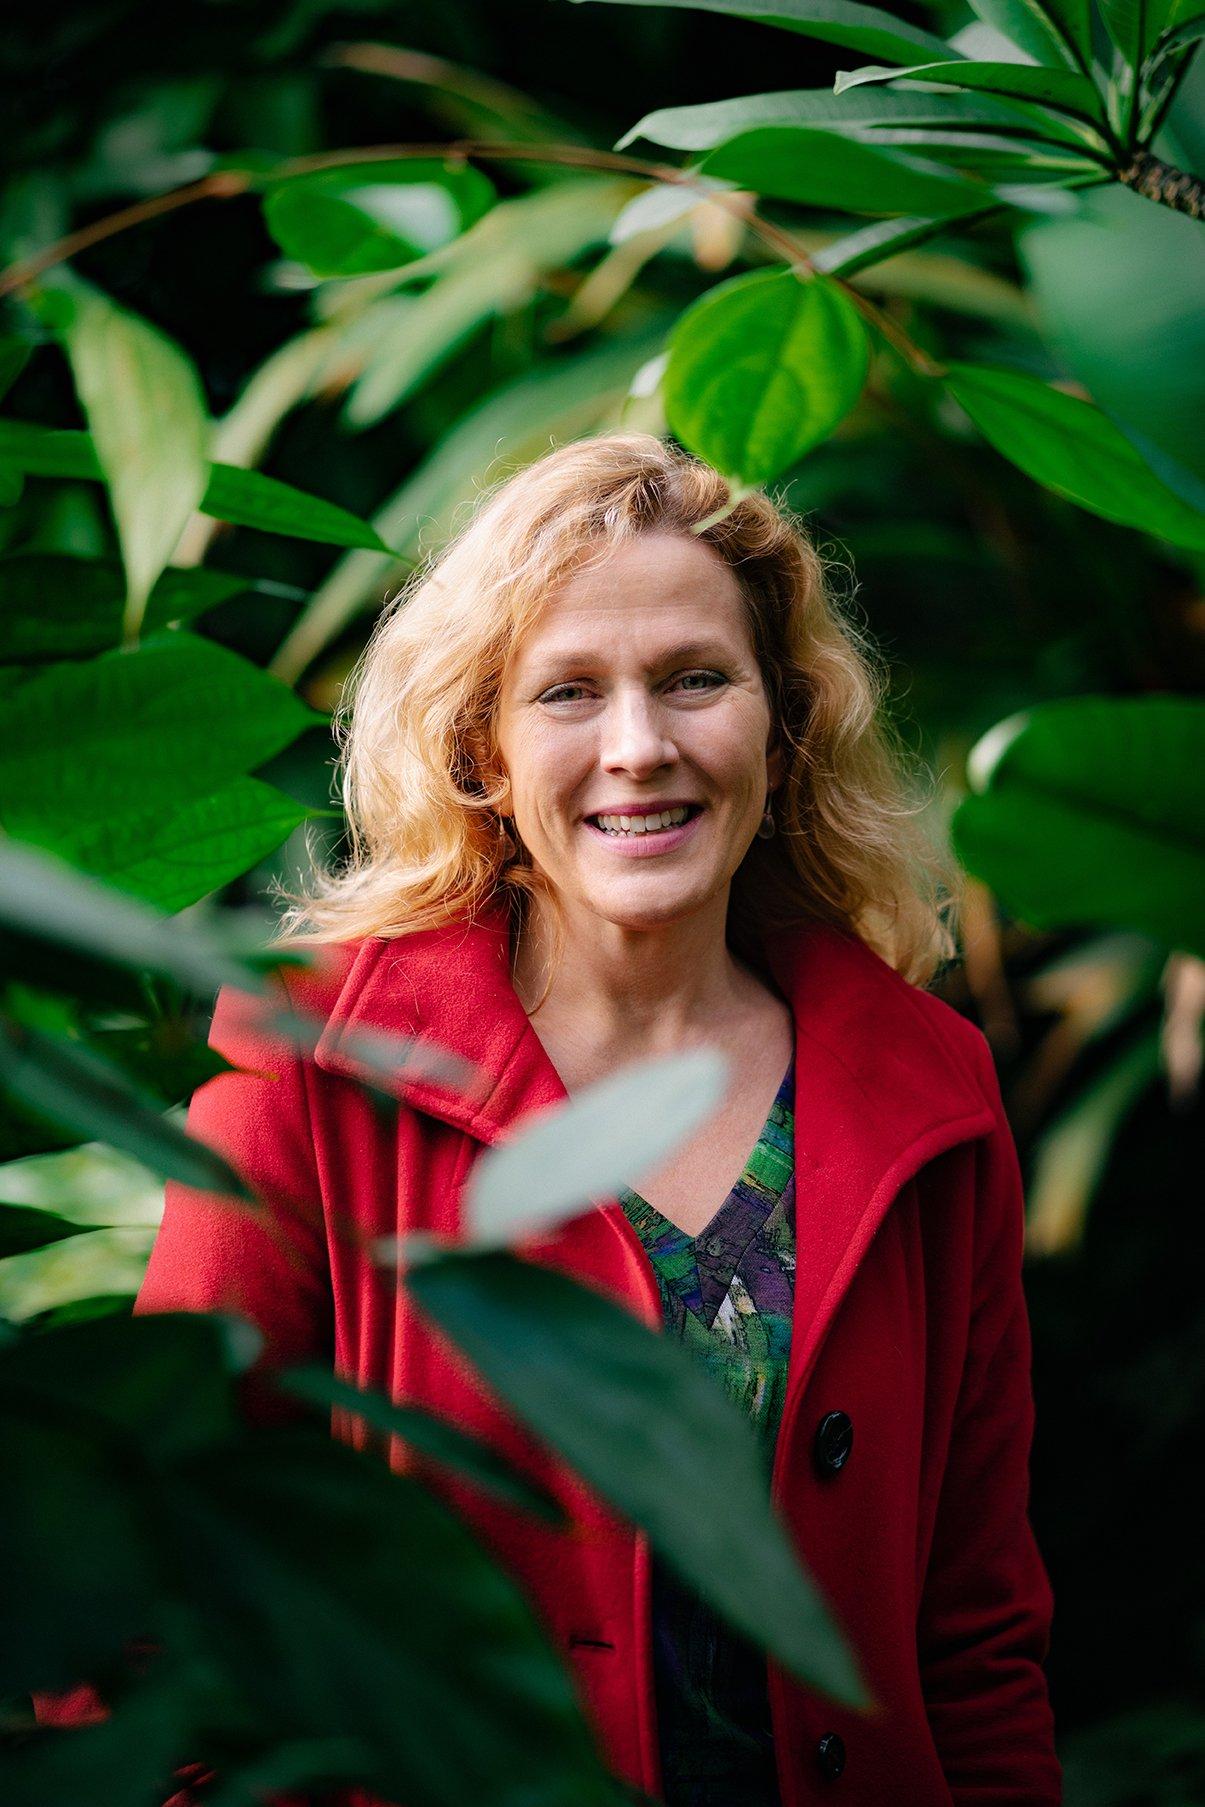 Juliette Legler tussen de groene planten in de botanische tuin op het Science Park in Utrecht